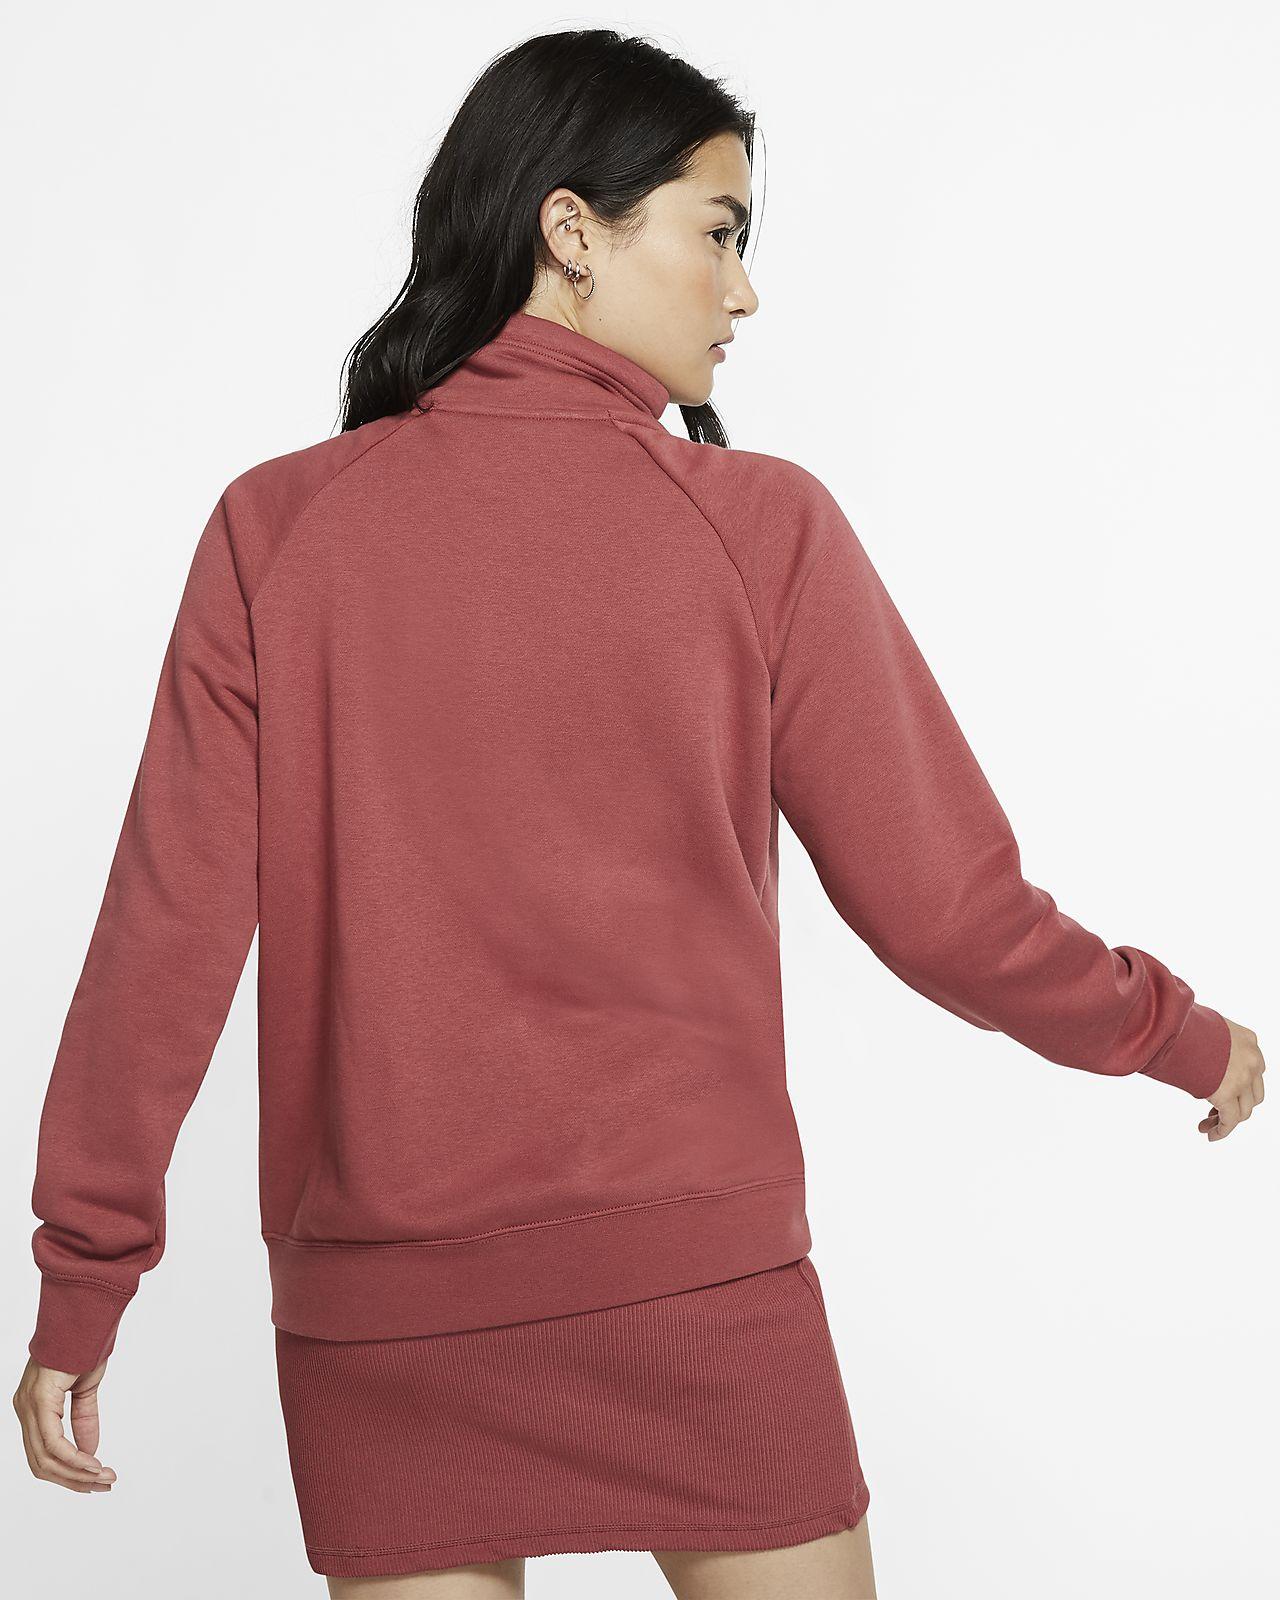 Nike Sportswear Essential Women's 14 Zip Fleece Top